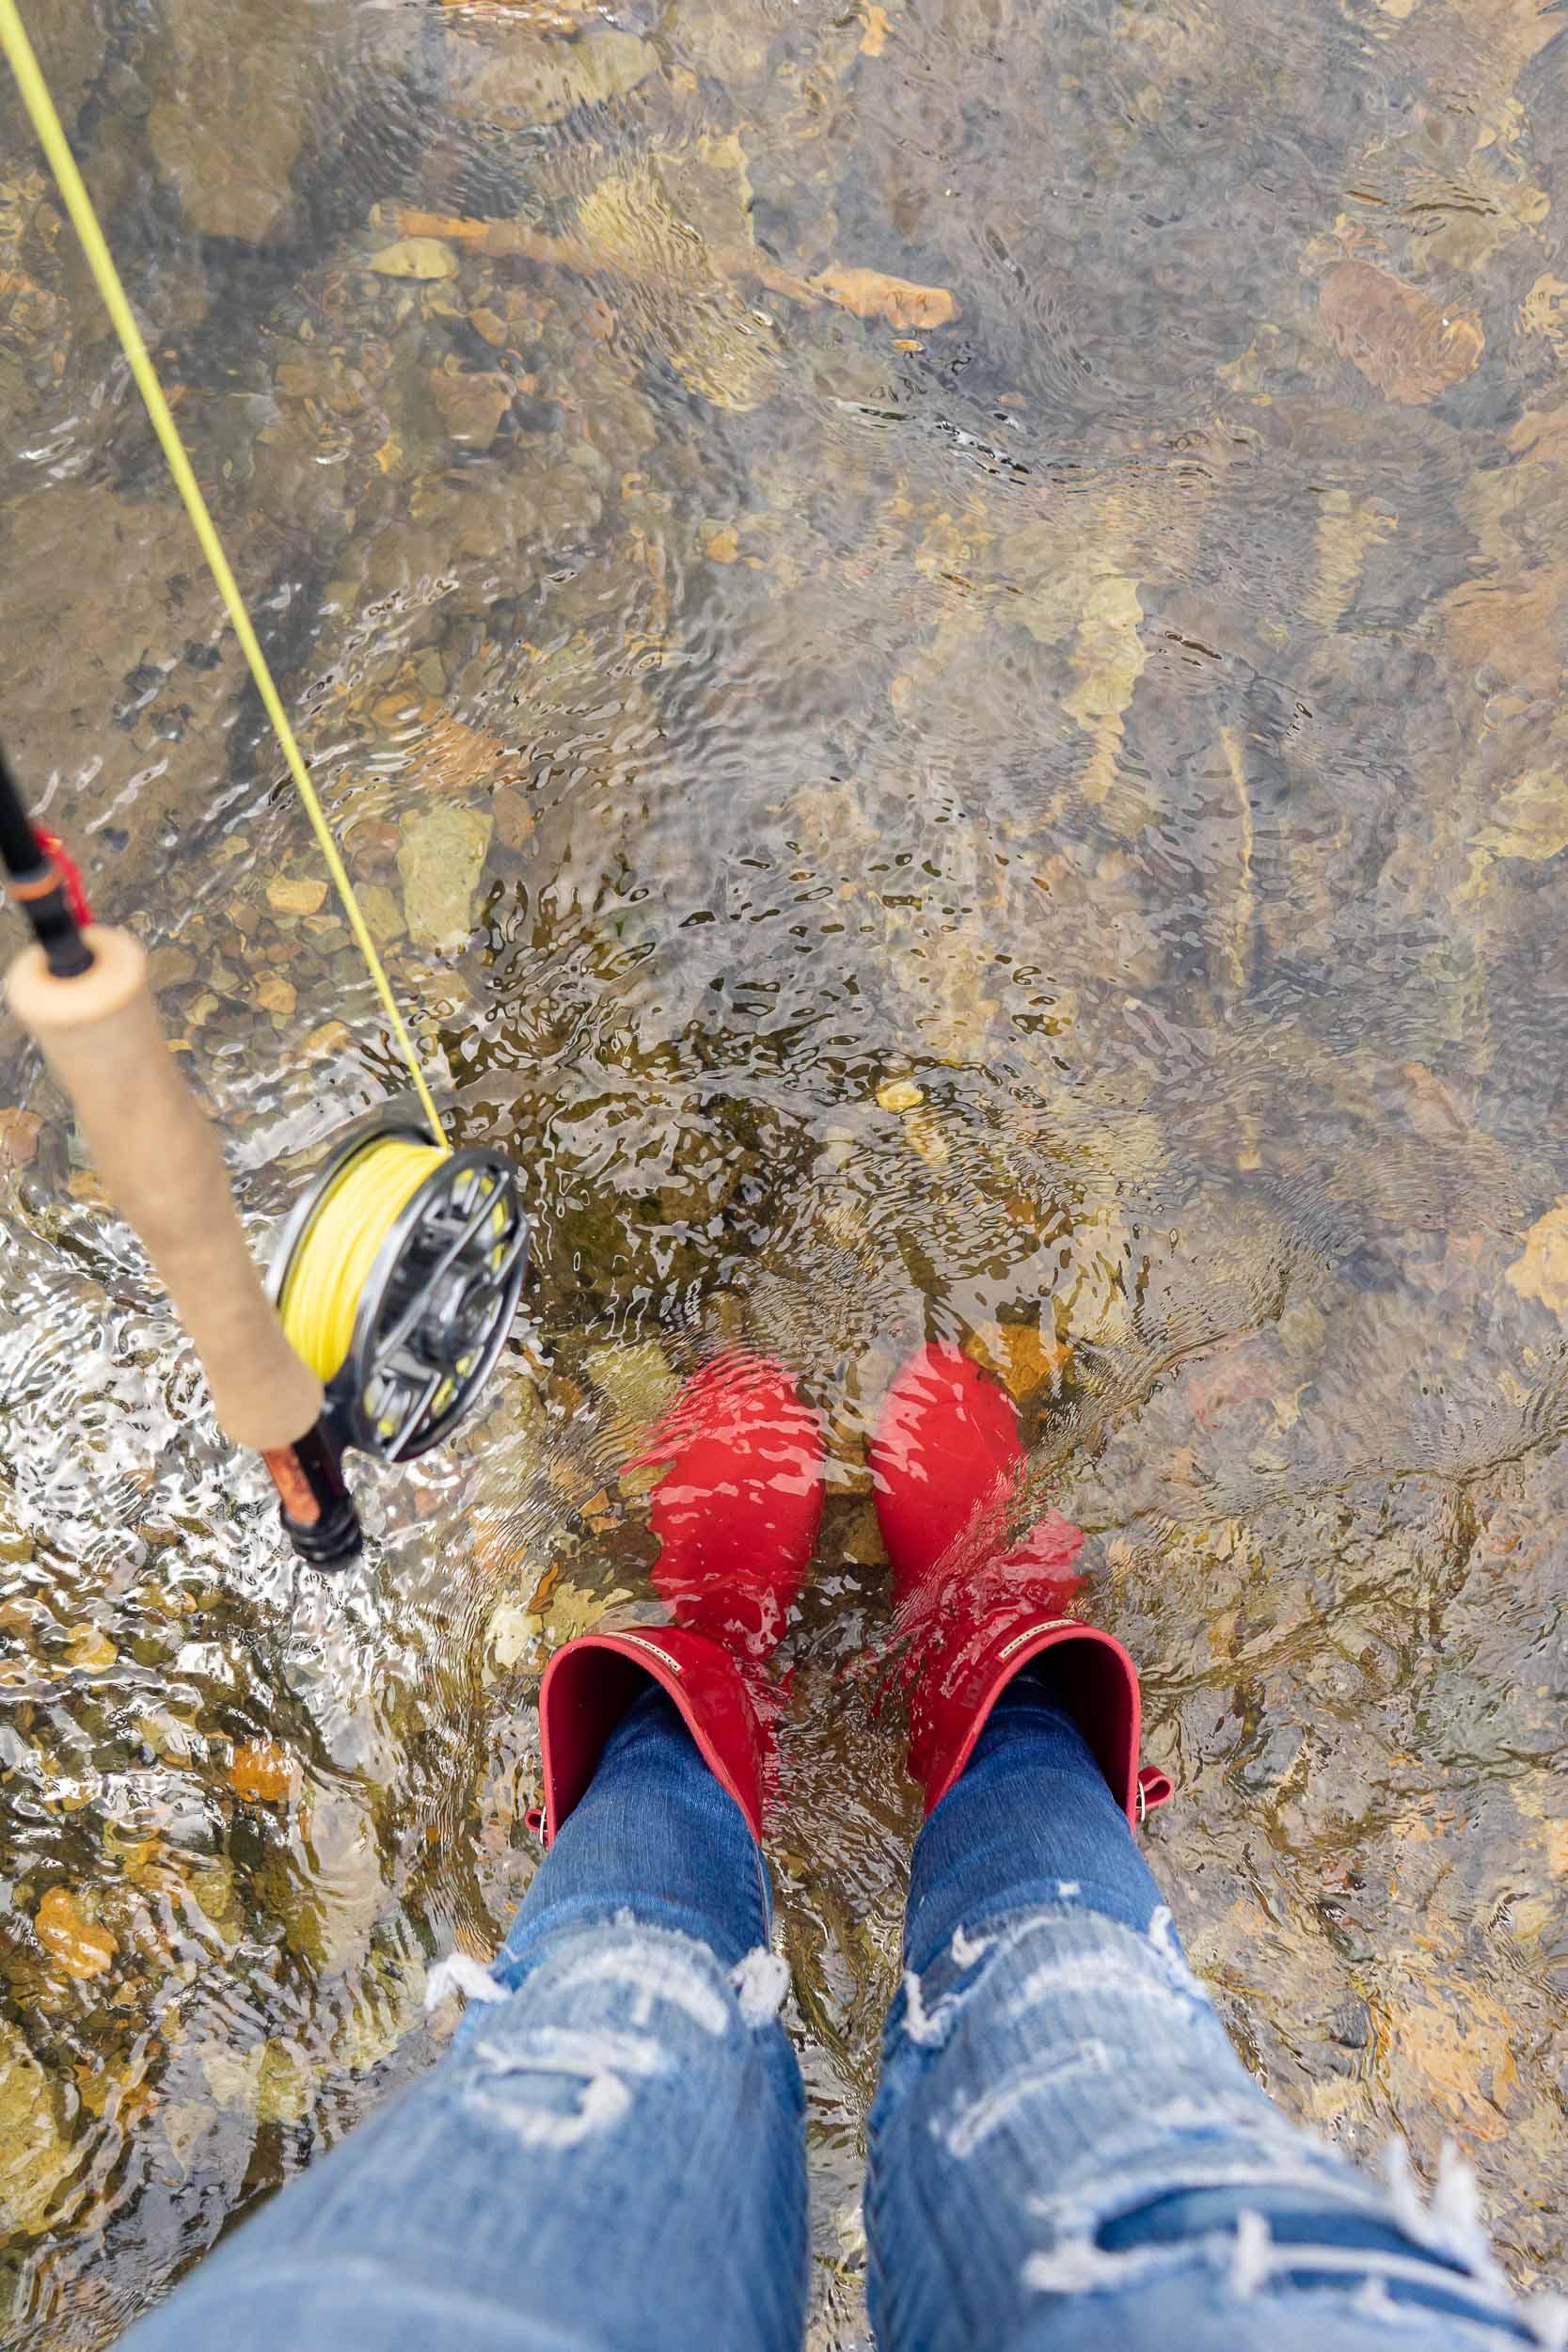 Fly fishing in Hunter rain boots near deer Creek Cabin forest service cabin near Big Timber, Montana